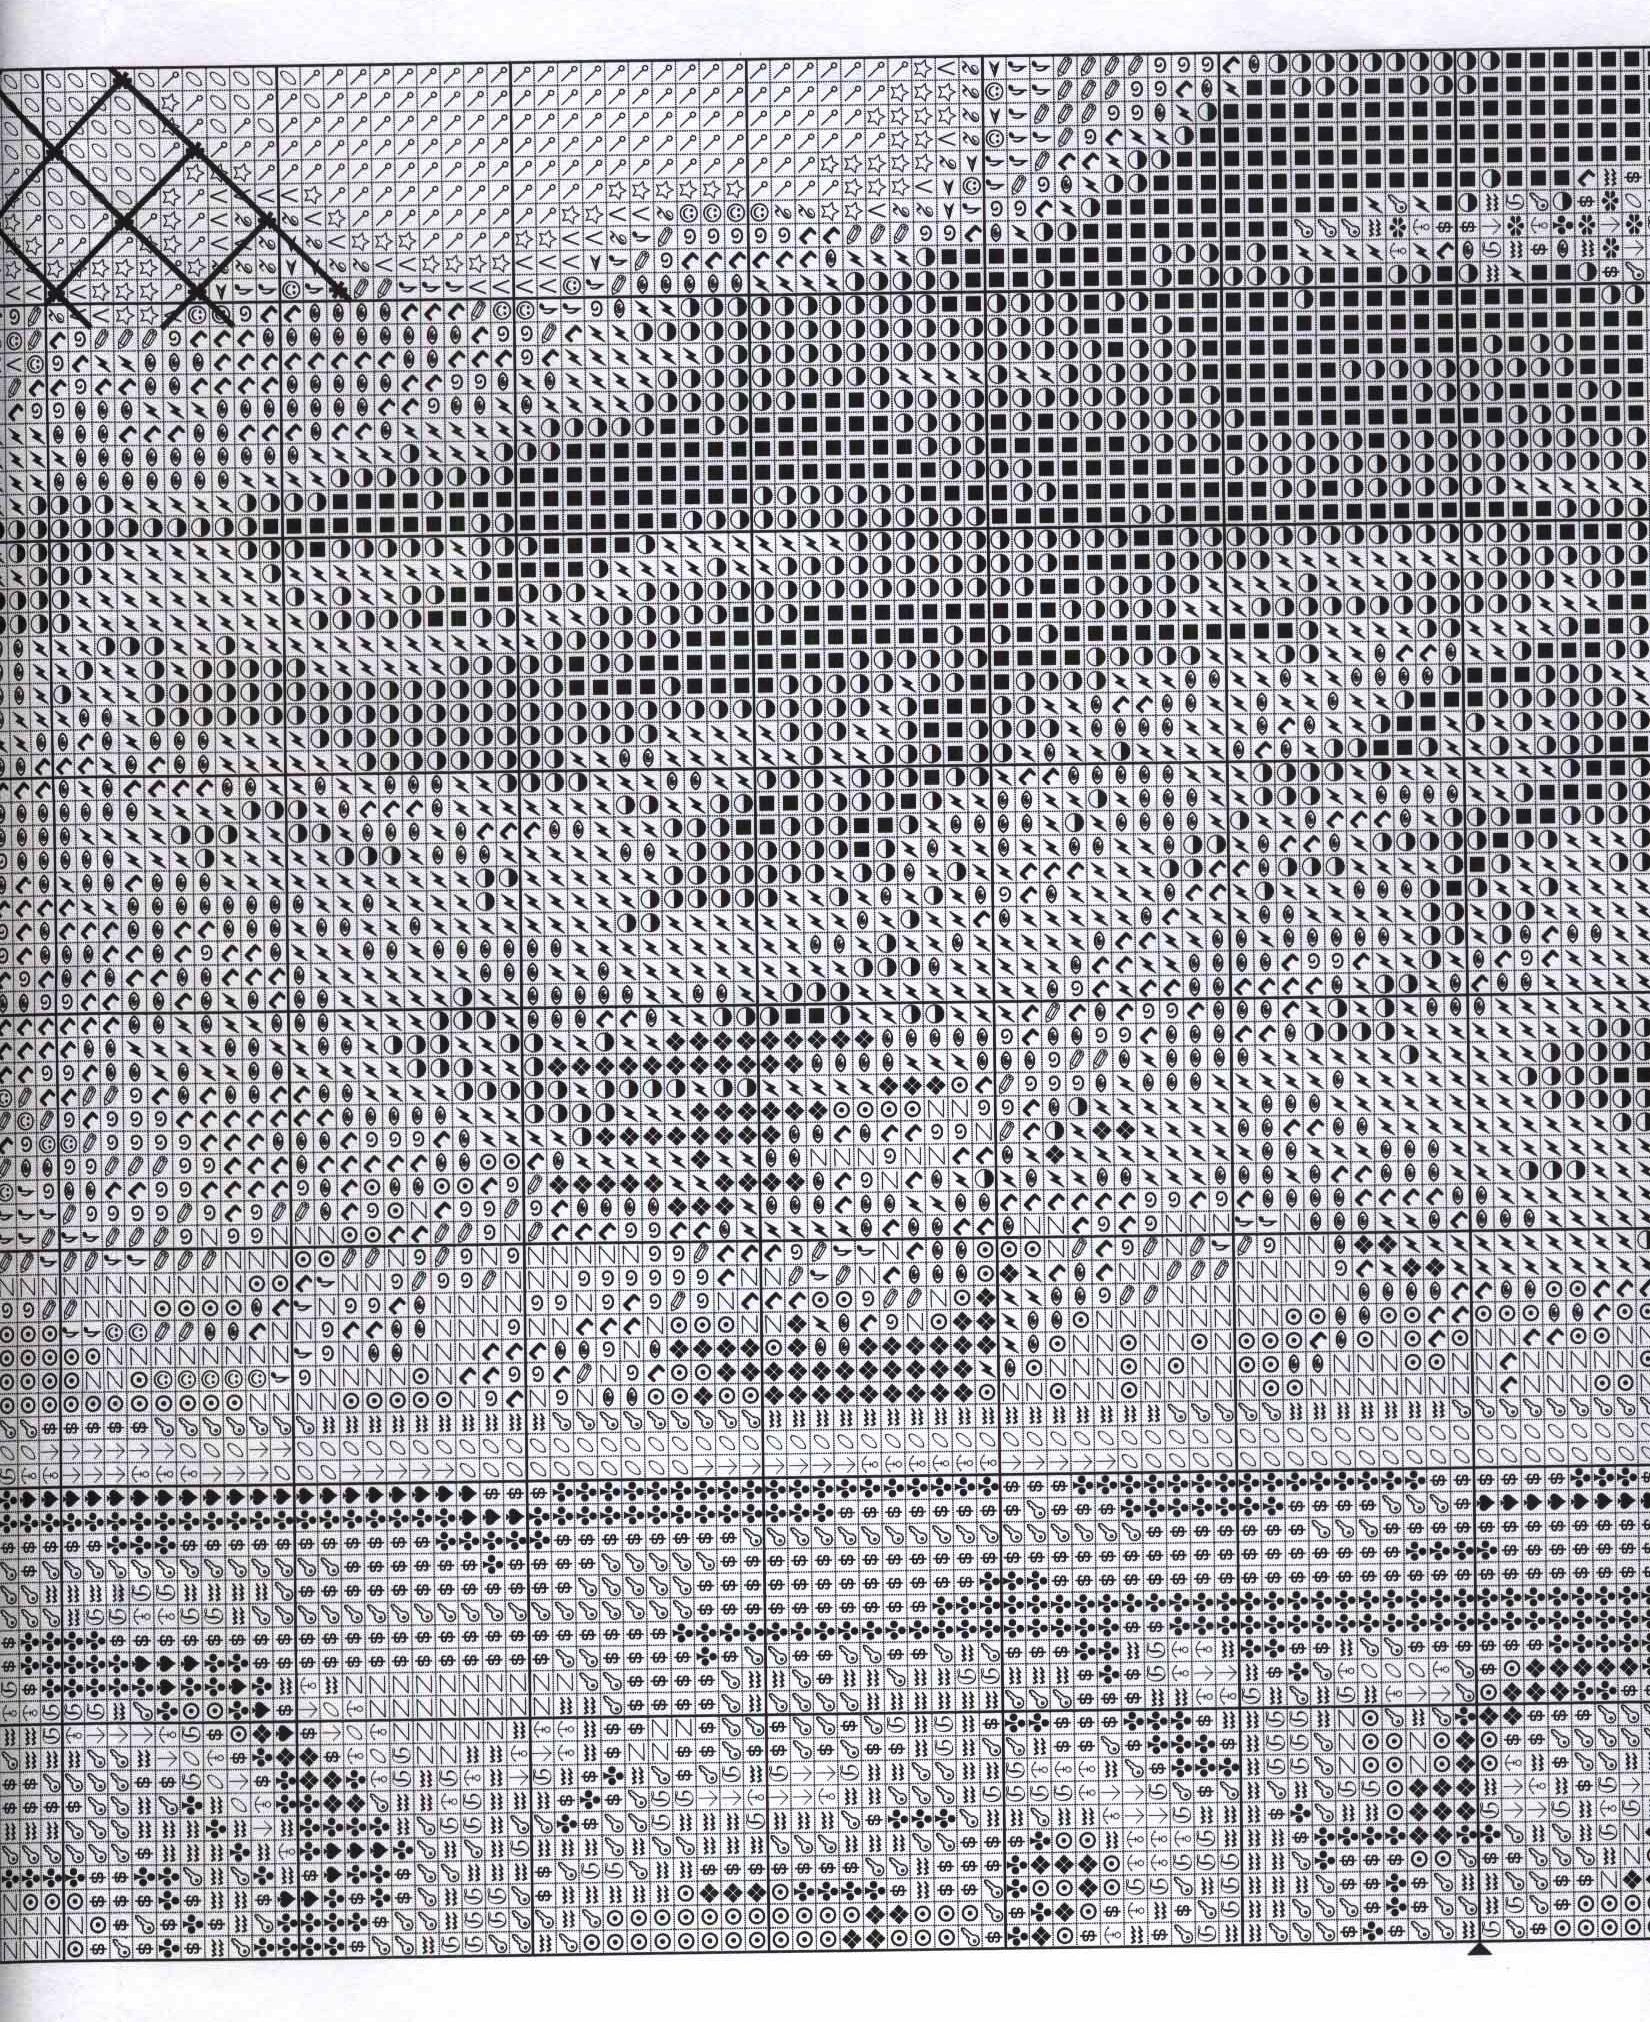 Вышивка шакира схема елена крумина